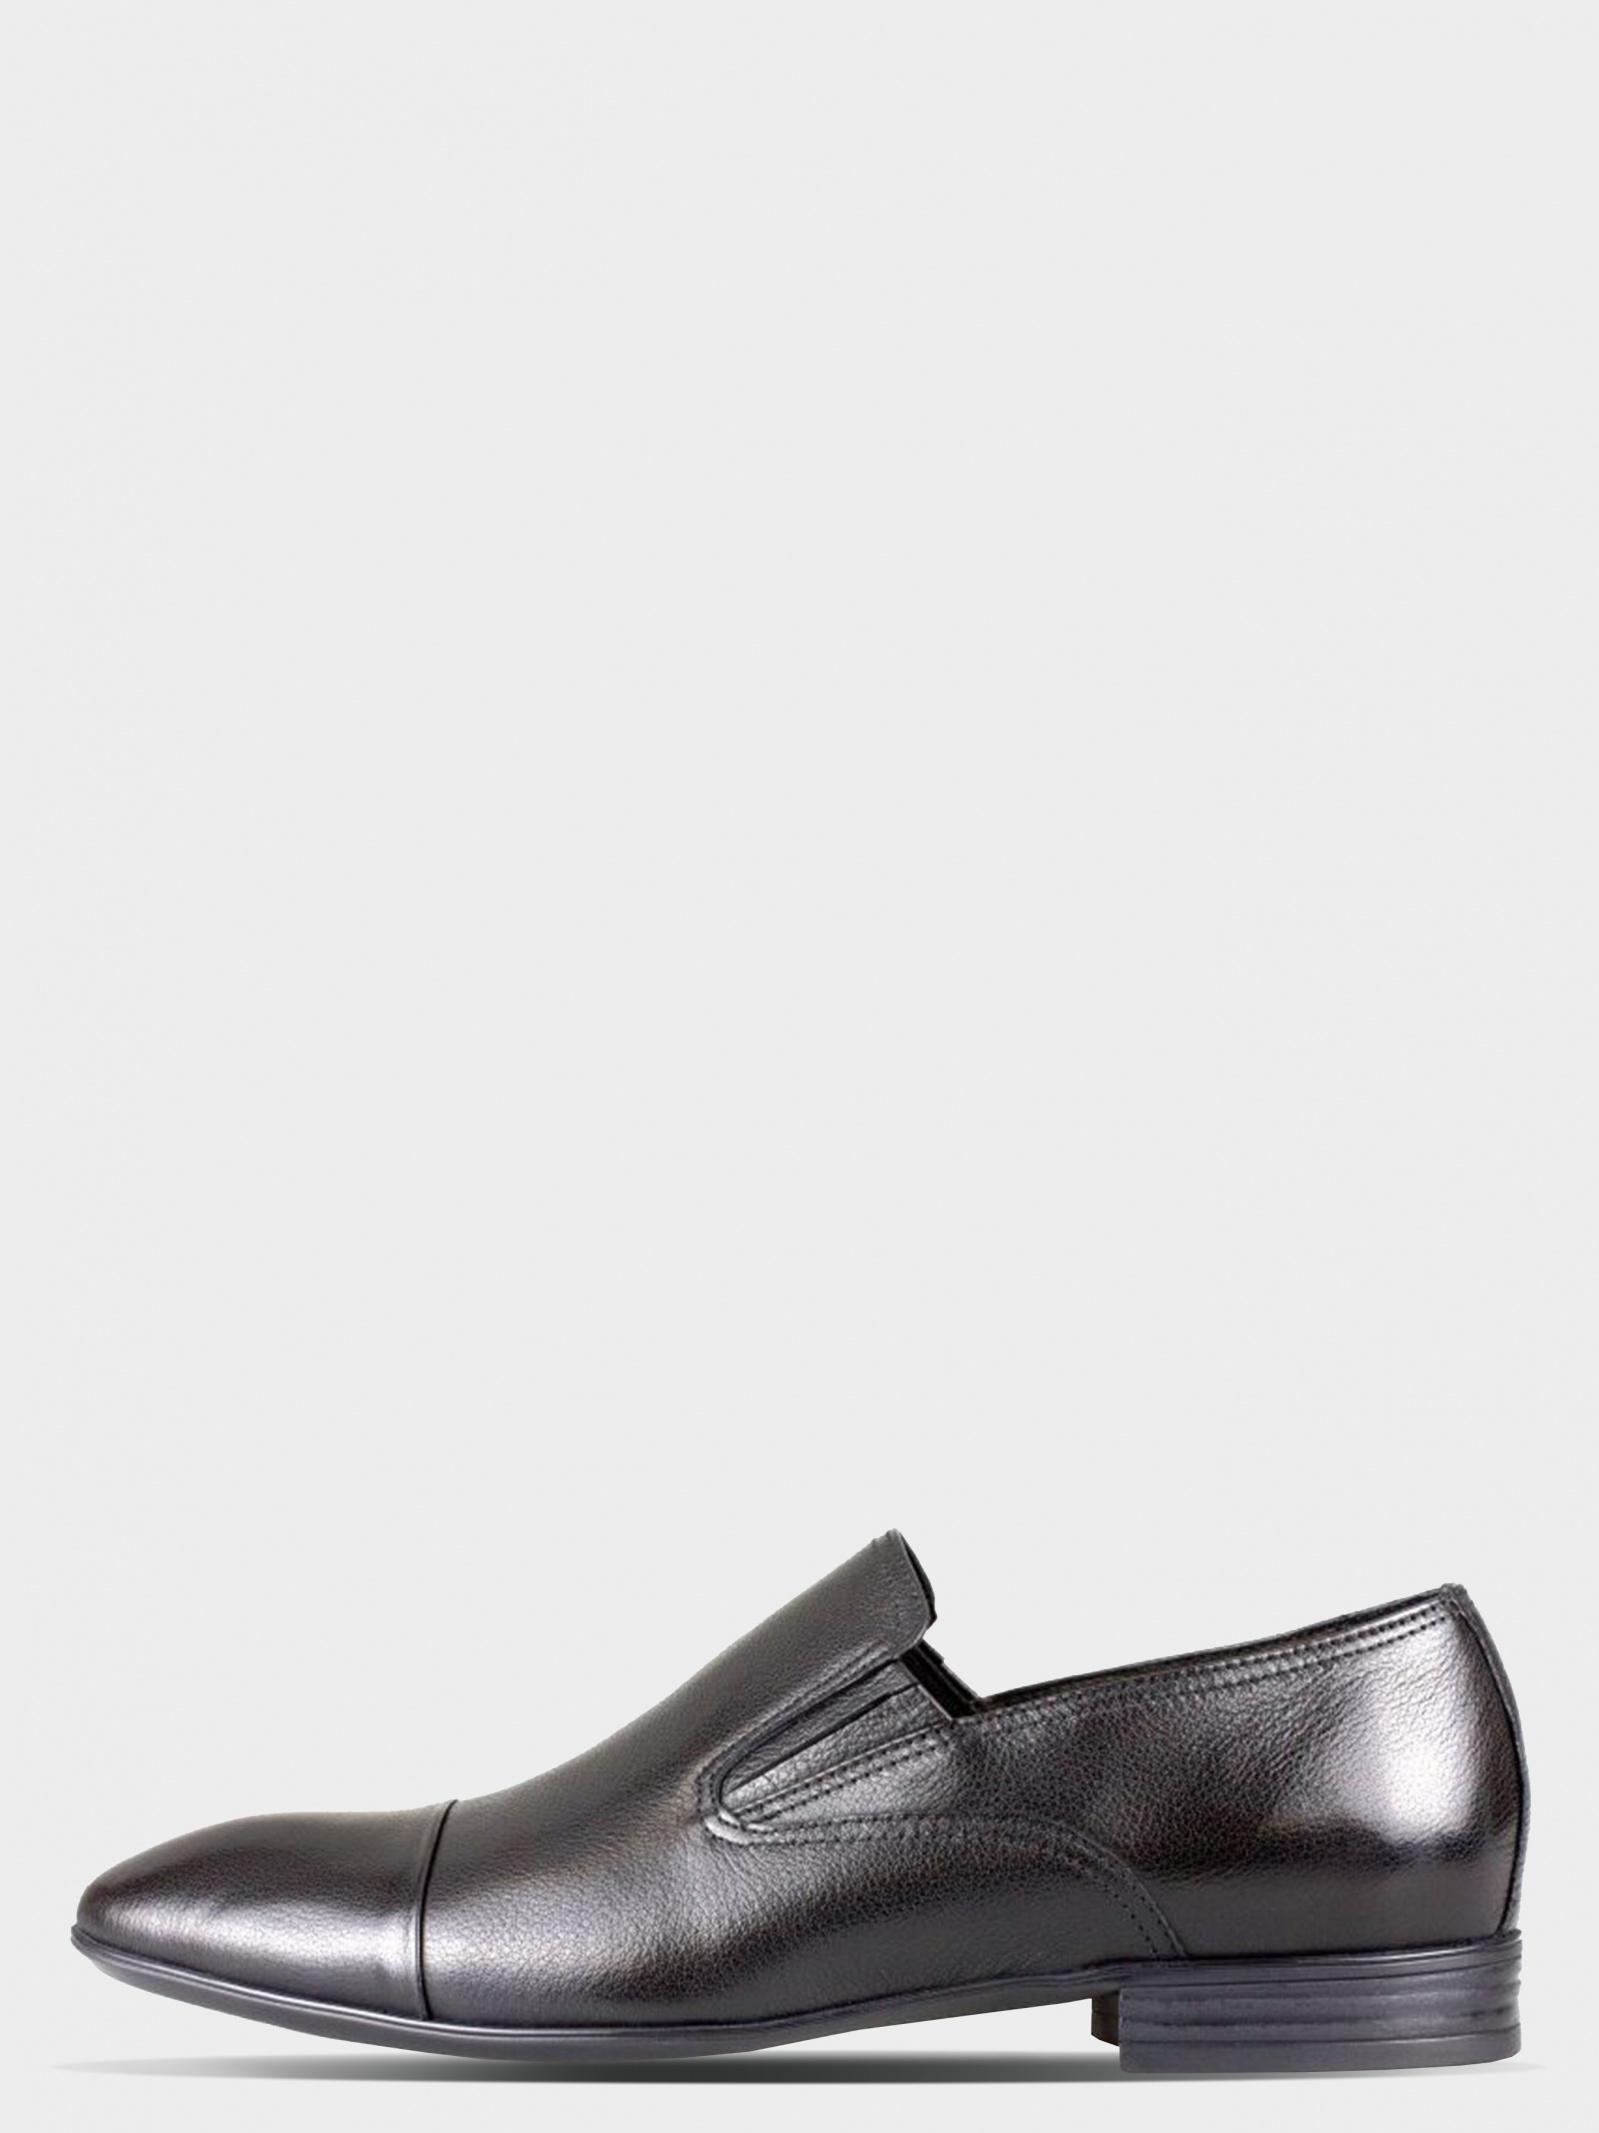 Туфли для мужчин Braska BR1513 цена, 2017